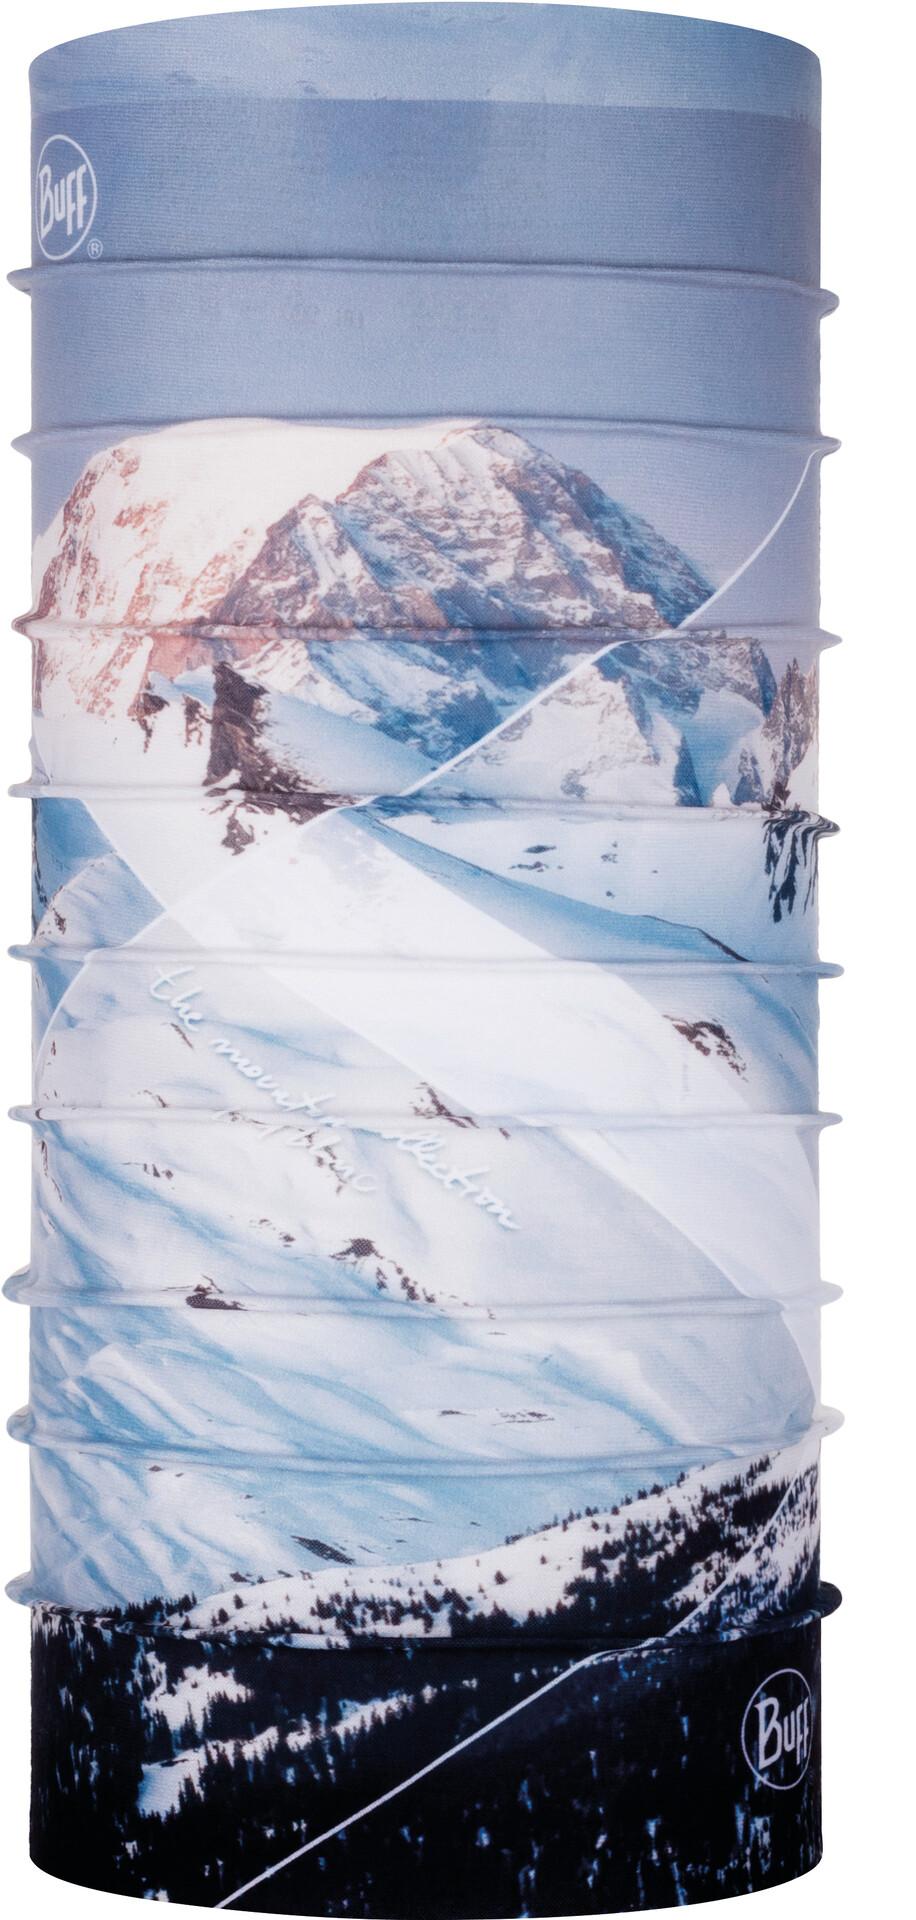 Buff ORIGINAL MOUNTAIN - Scaldacollo grey